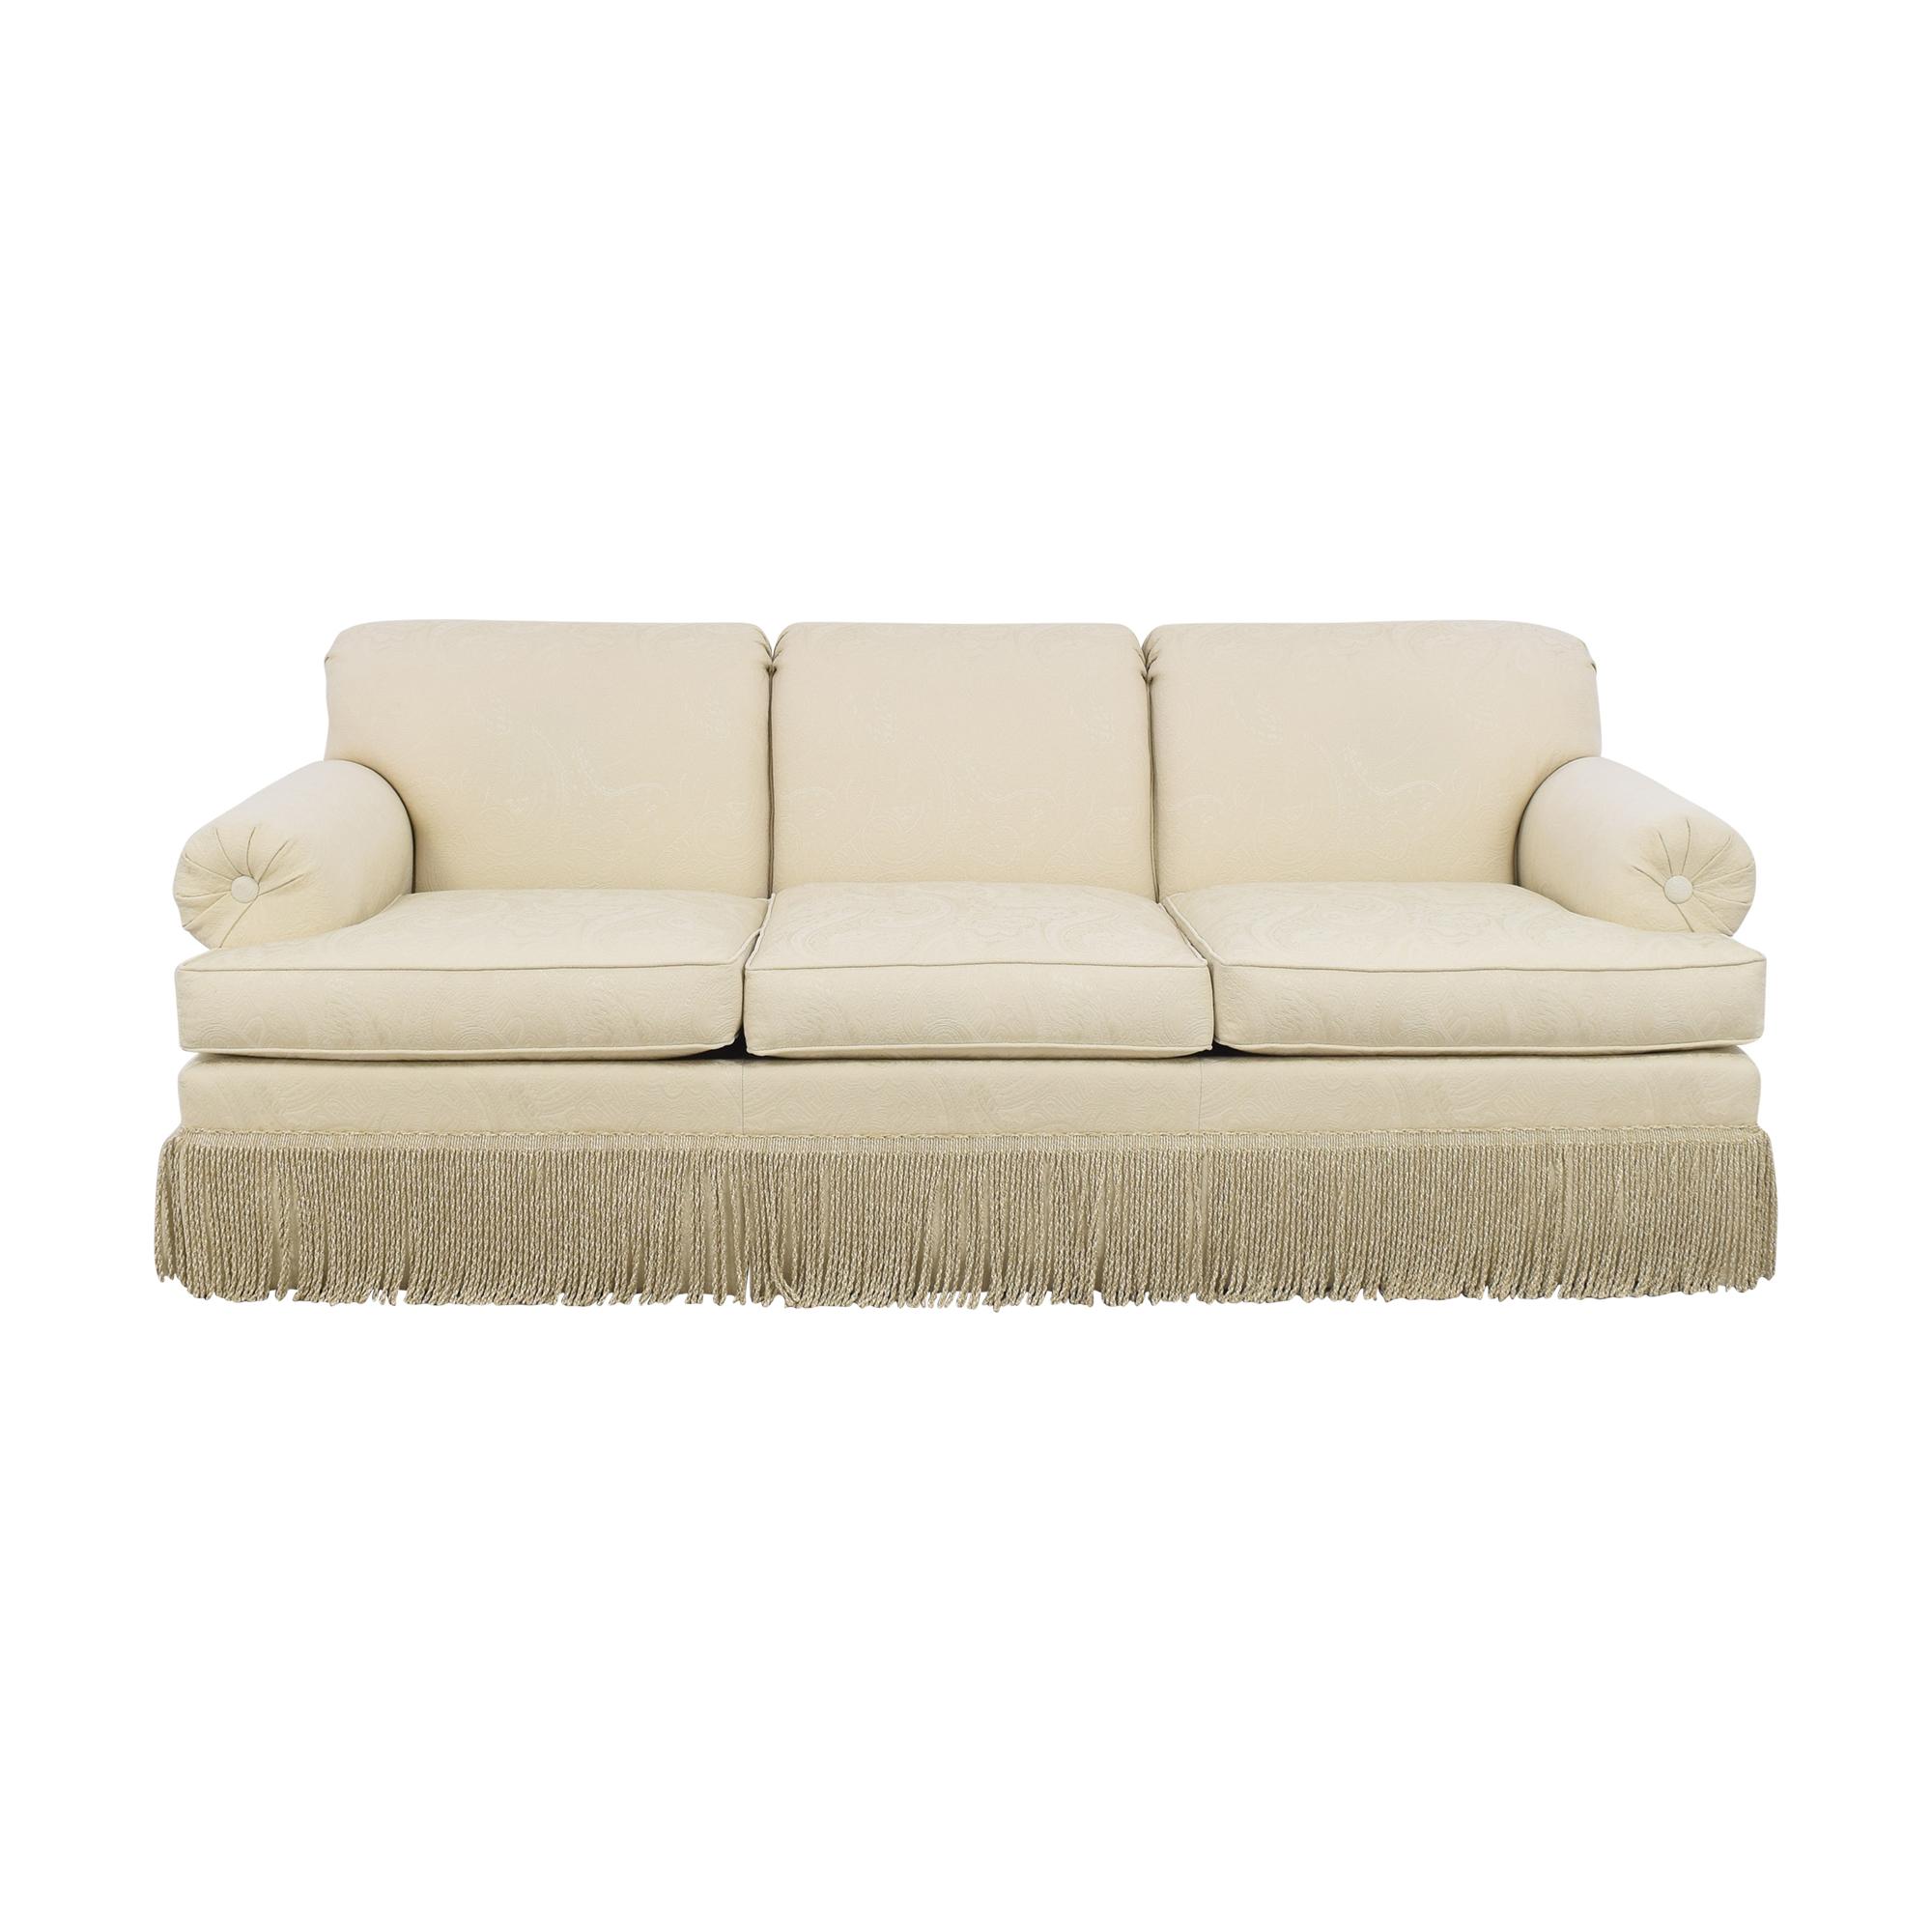 Ethan Allen Ethan Allen Fringed Three Cushion Sofa nyc